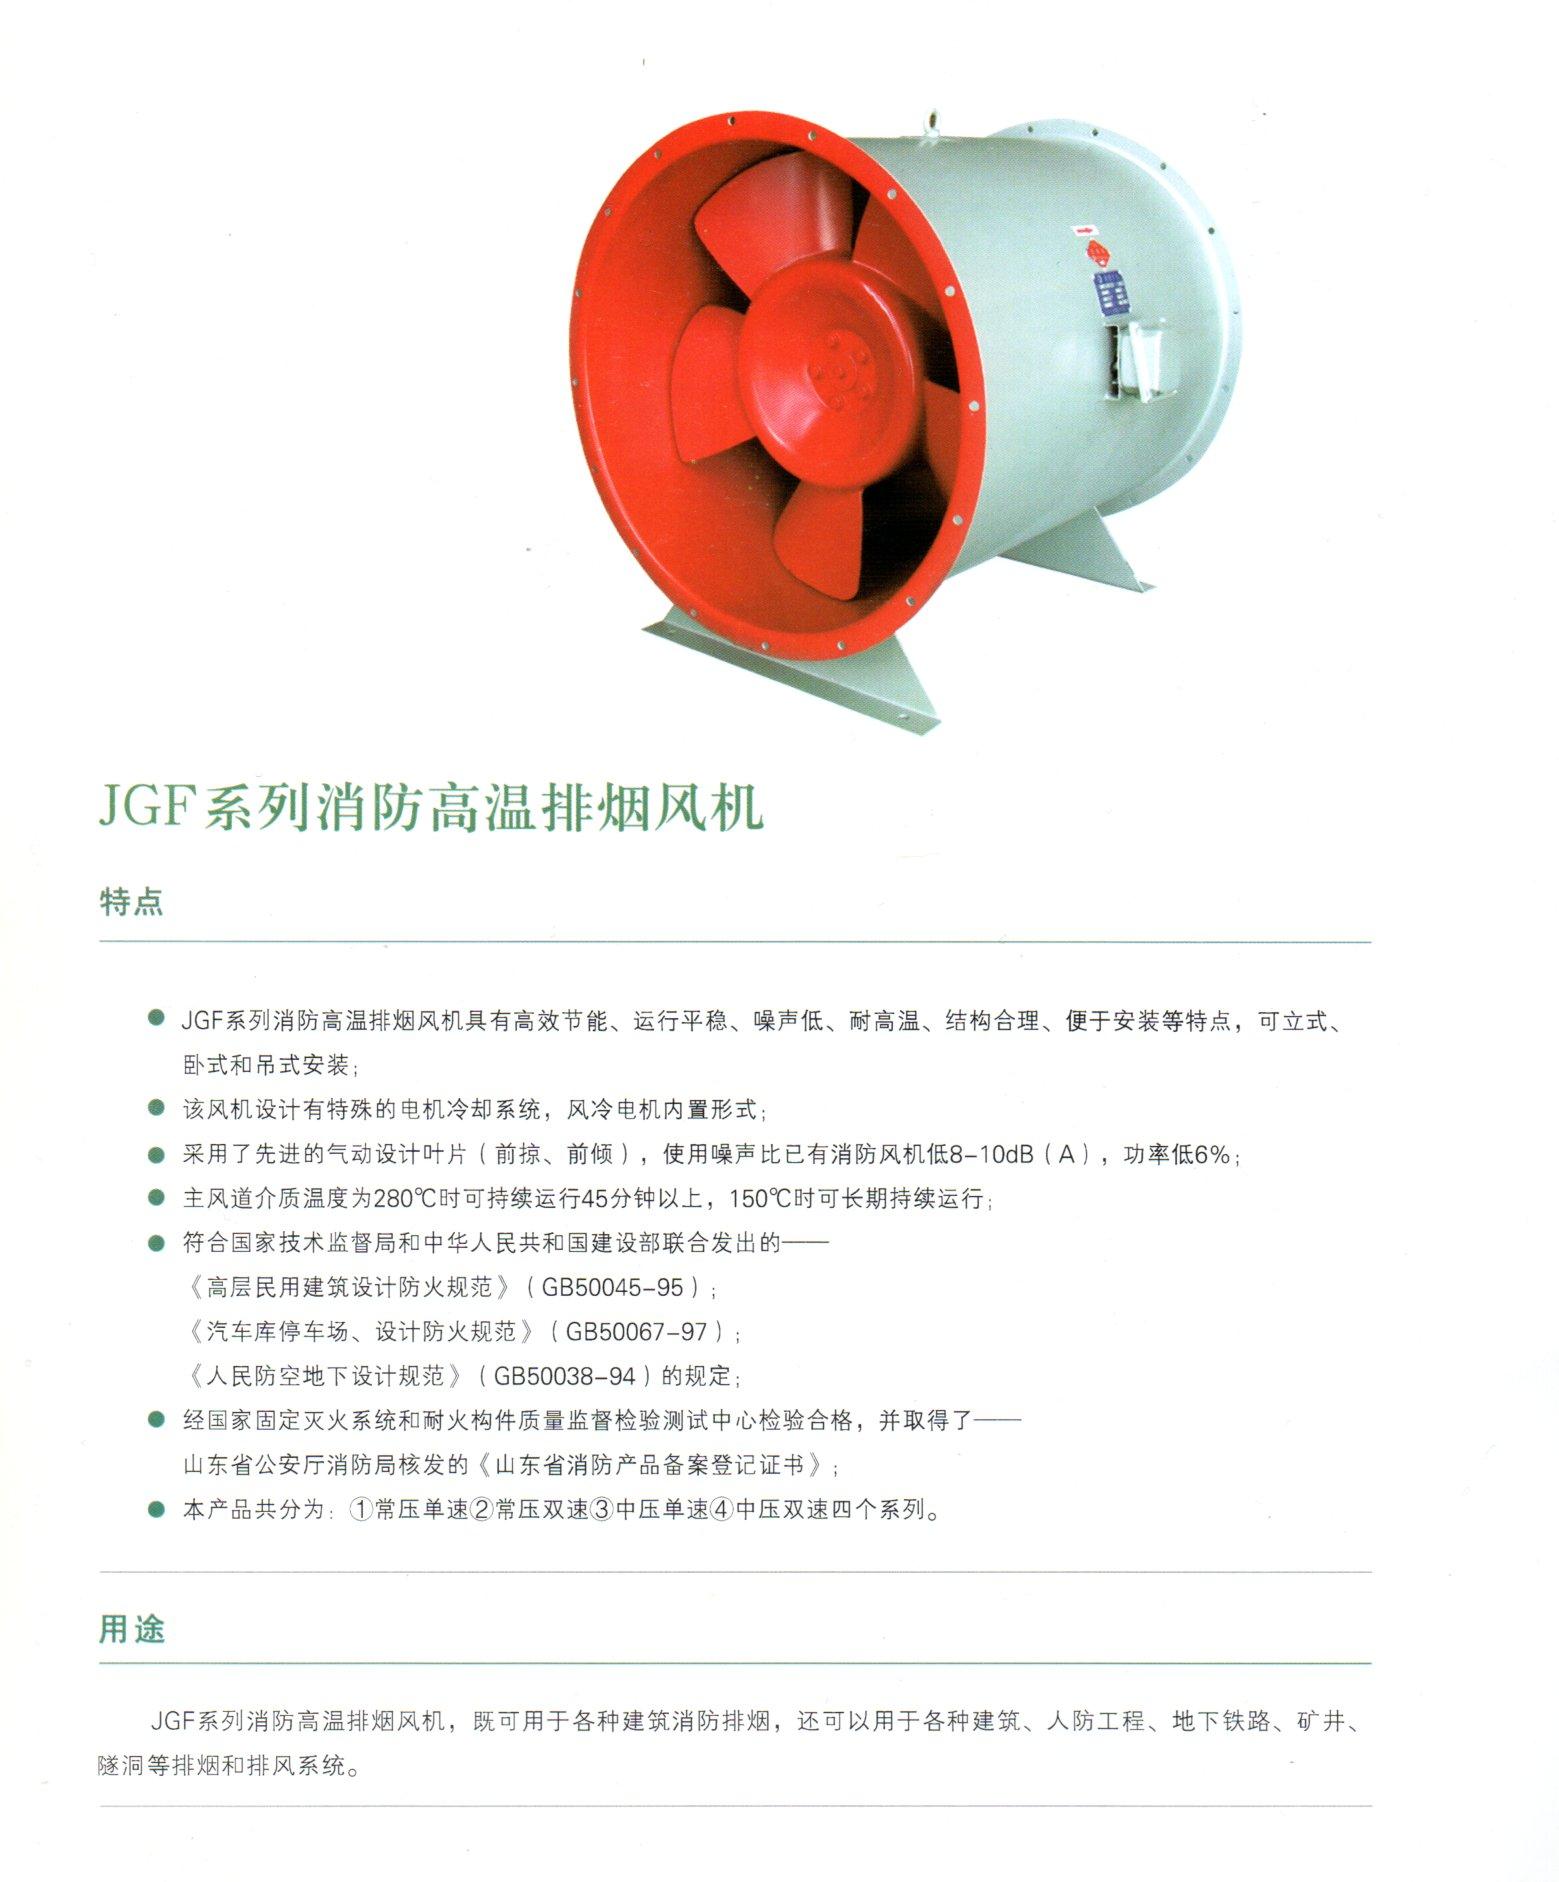 排烟风机 JGF系列消防高温排烟风机|JGF轴流式消防高温排烟风机-